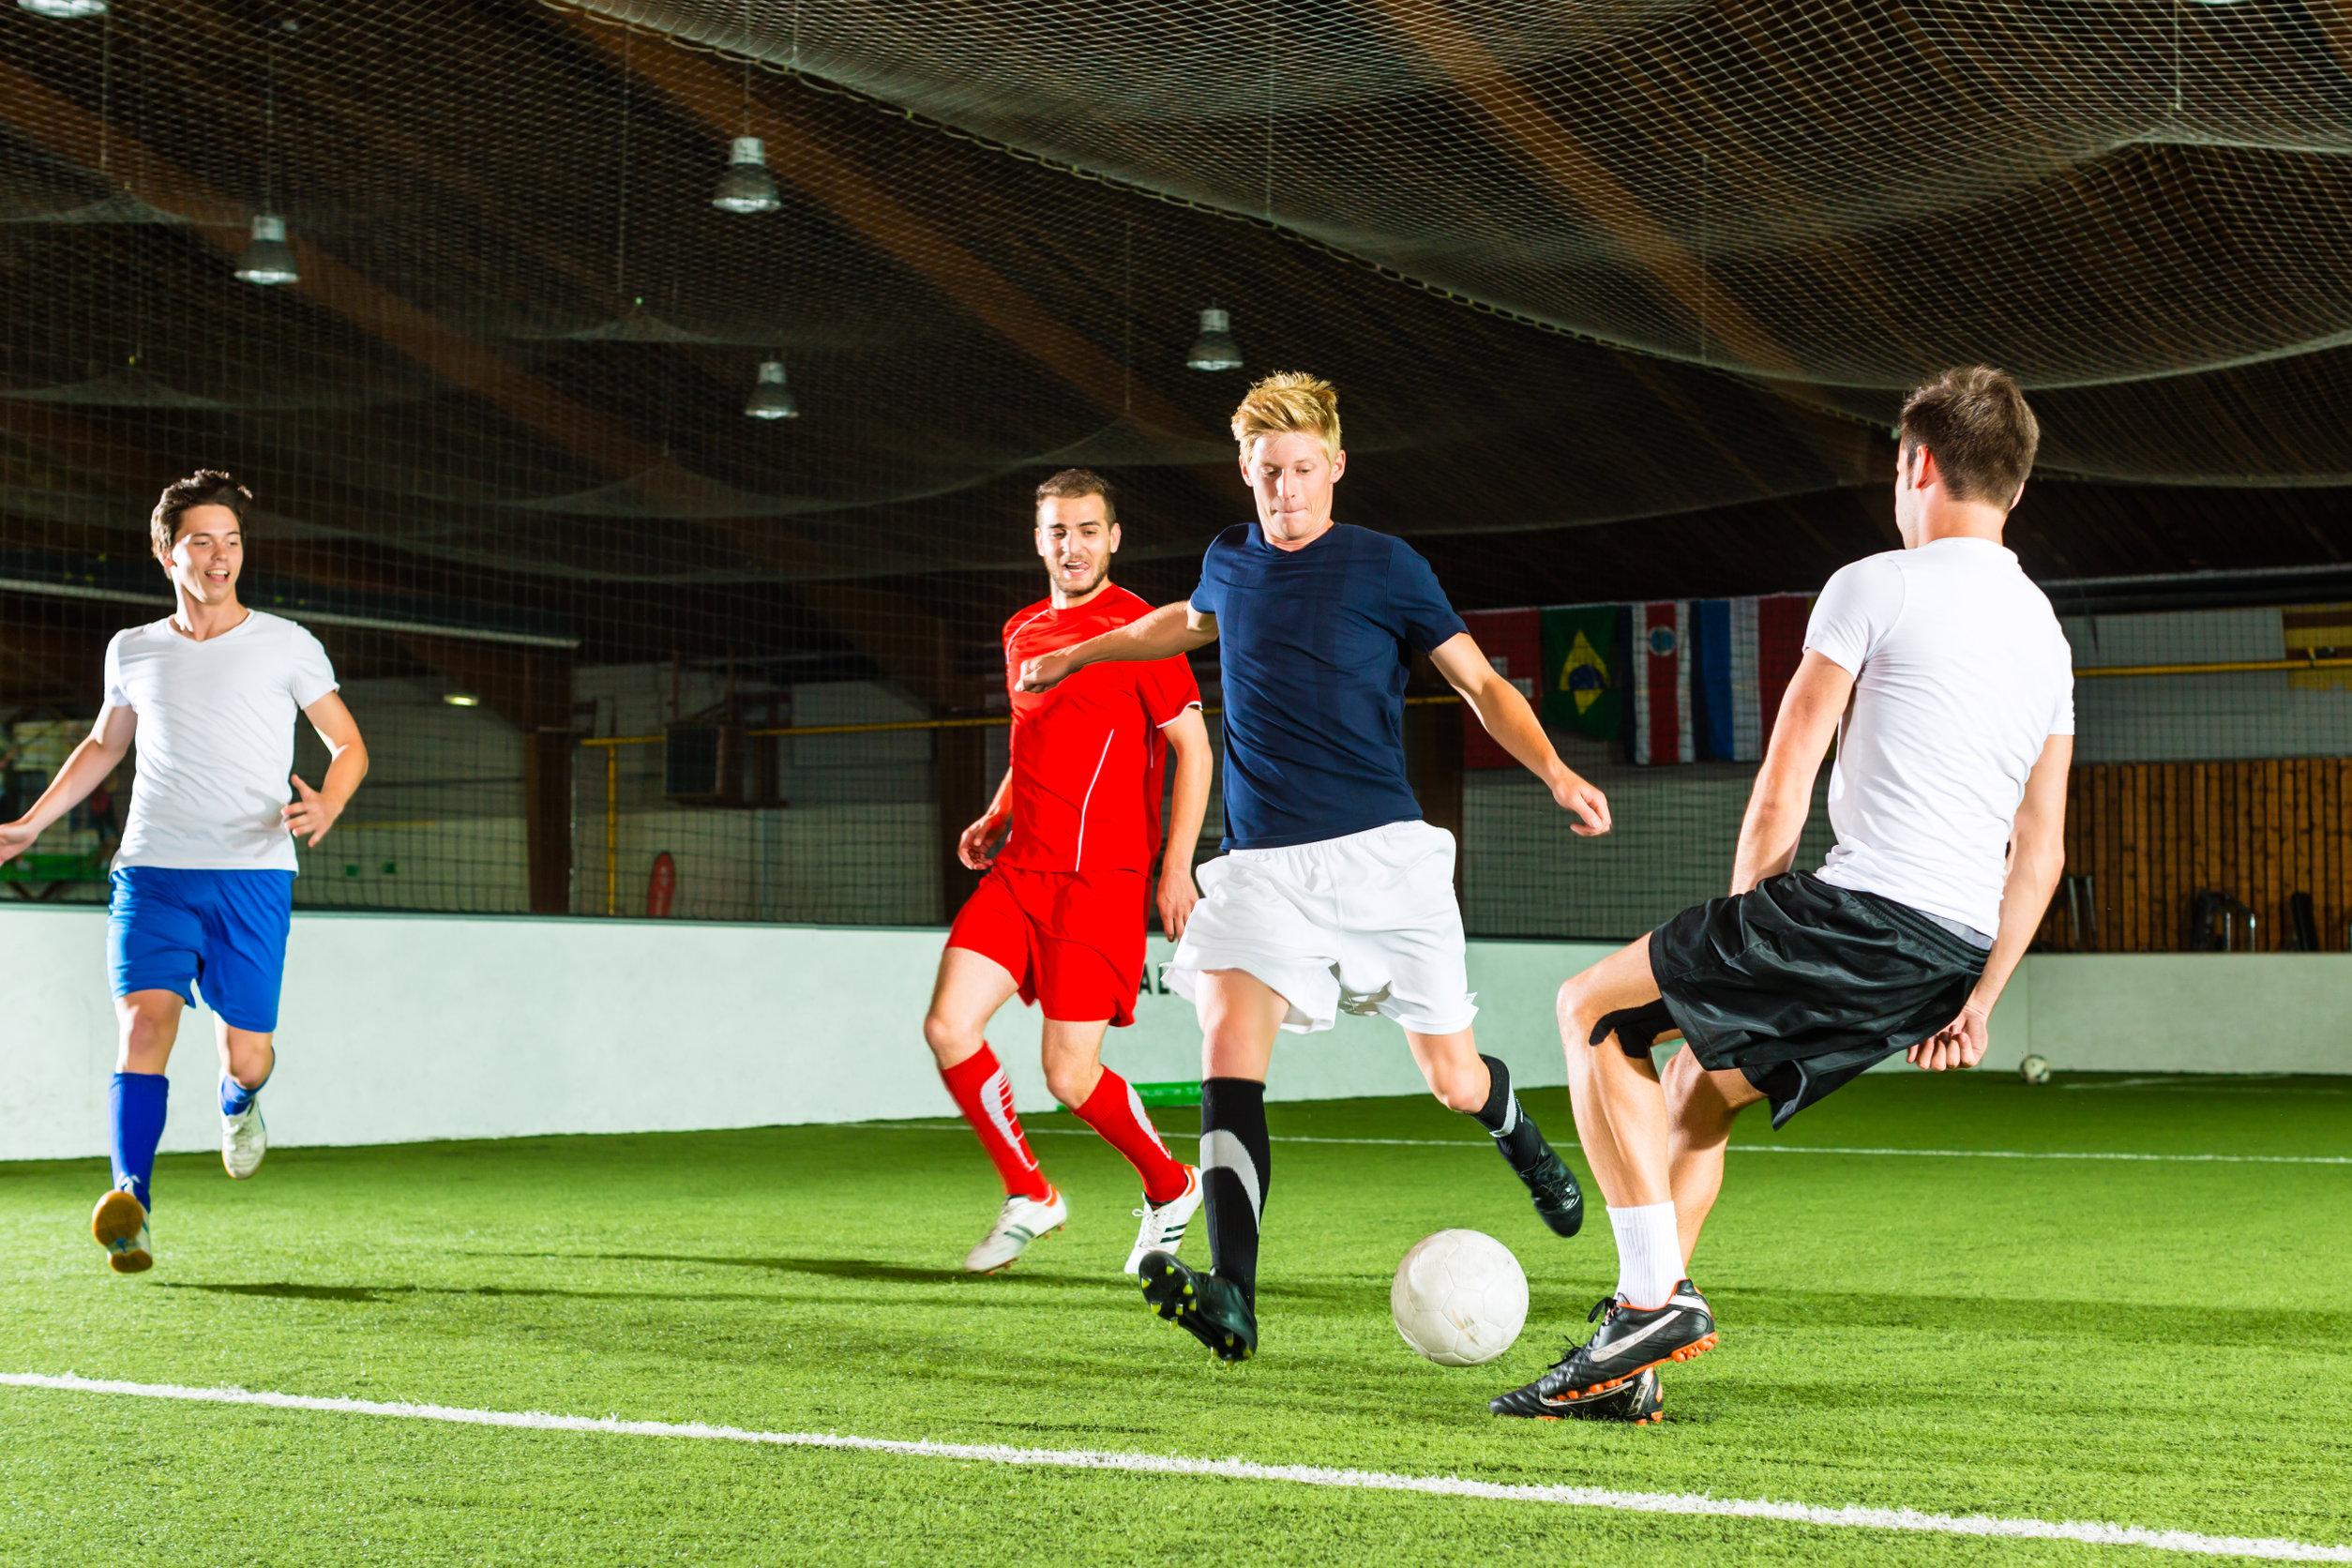 A foto mostra um jogo entre amigos de futebol society, com um garoto se preparando para o chute